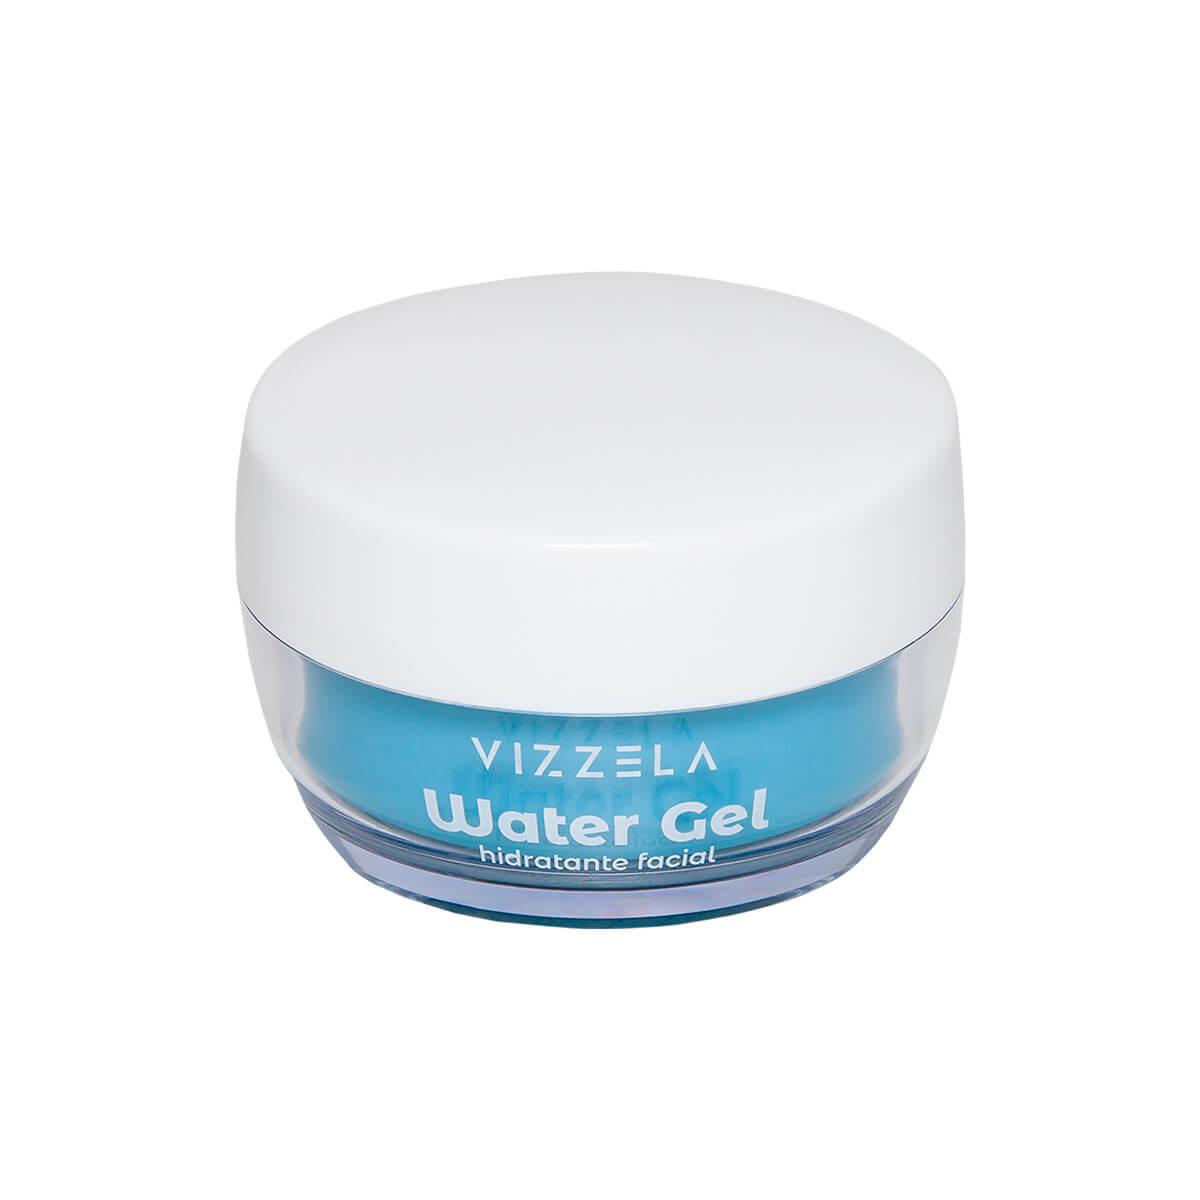 Water Gel Hidratante Facial Vizzela - Hipoalergenico Refrescante